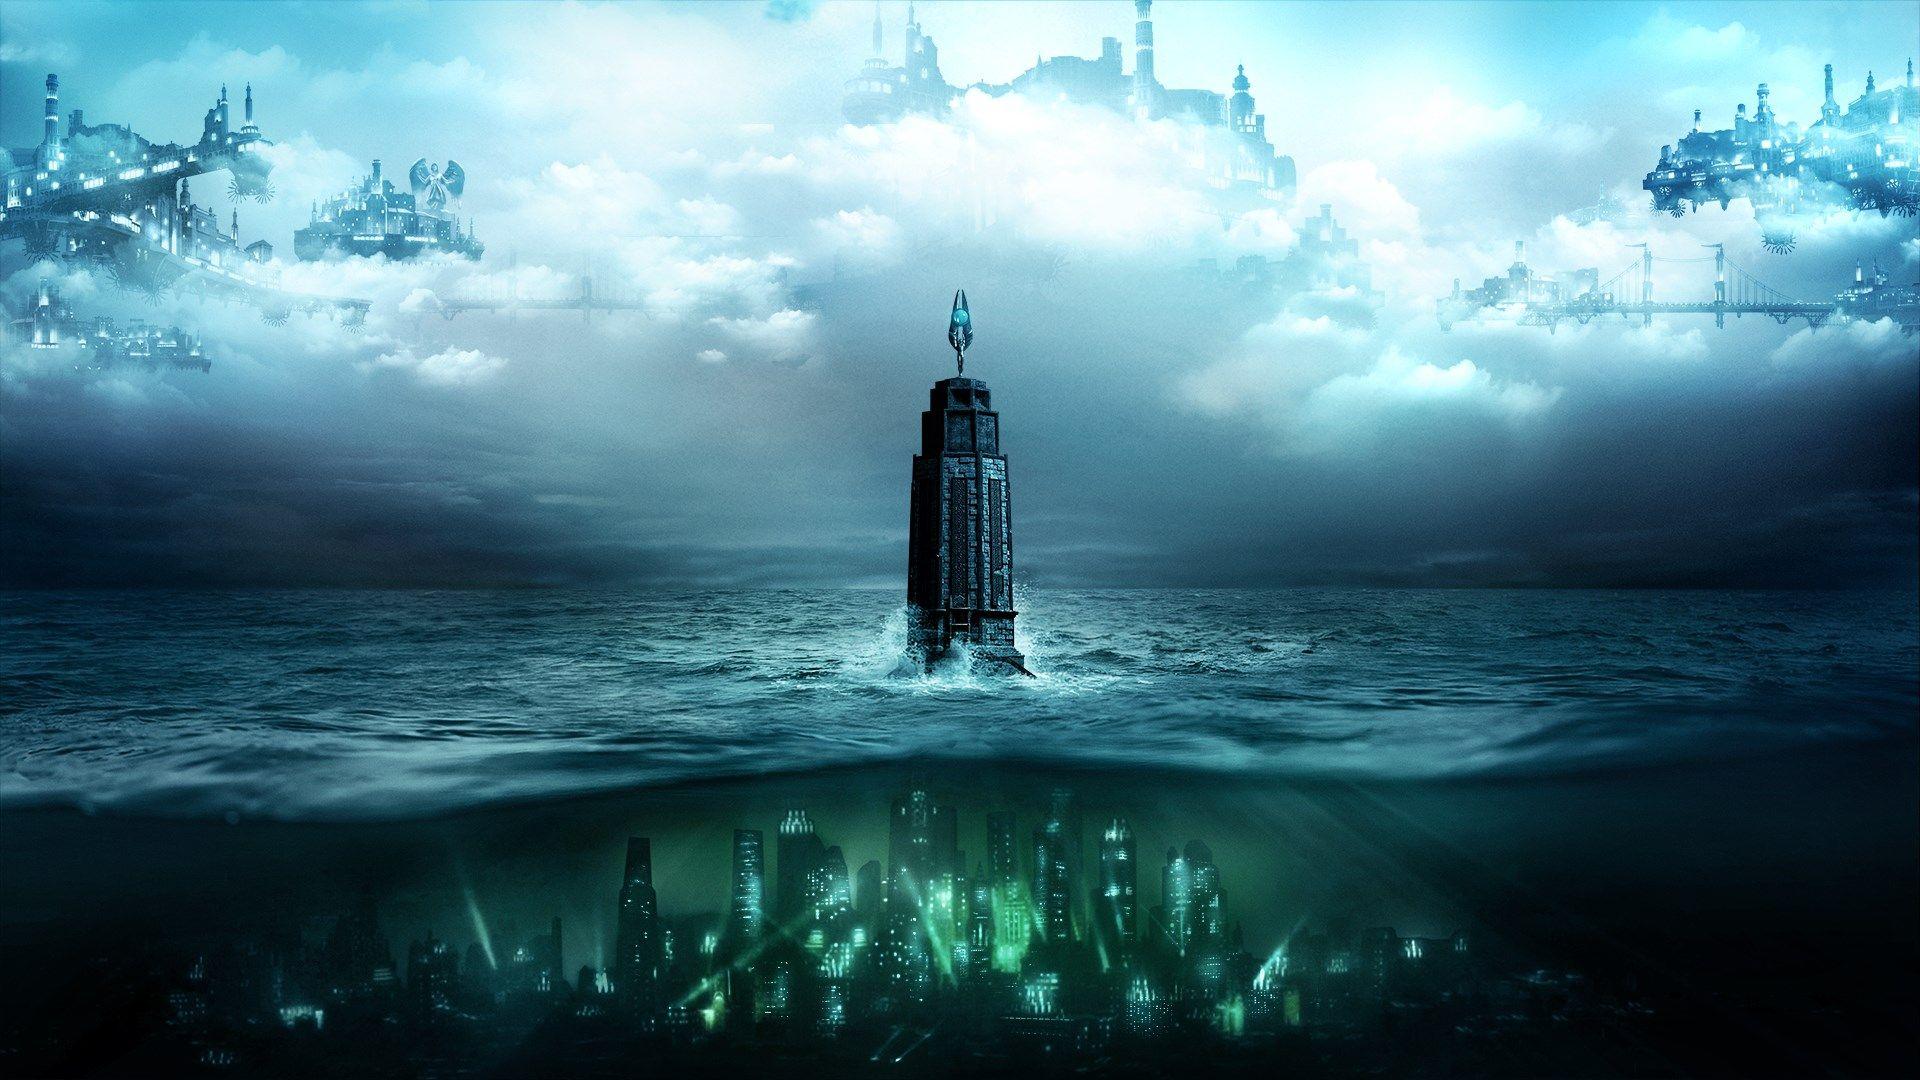 BioShock kolekcija predvodi PS Plus igre za veljaču